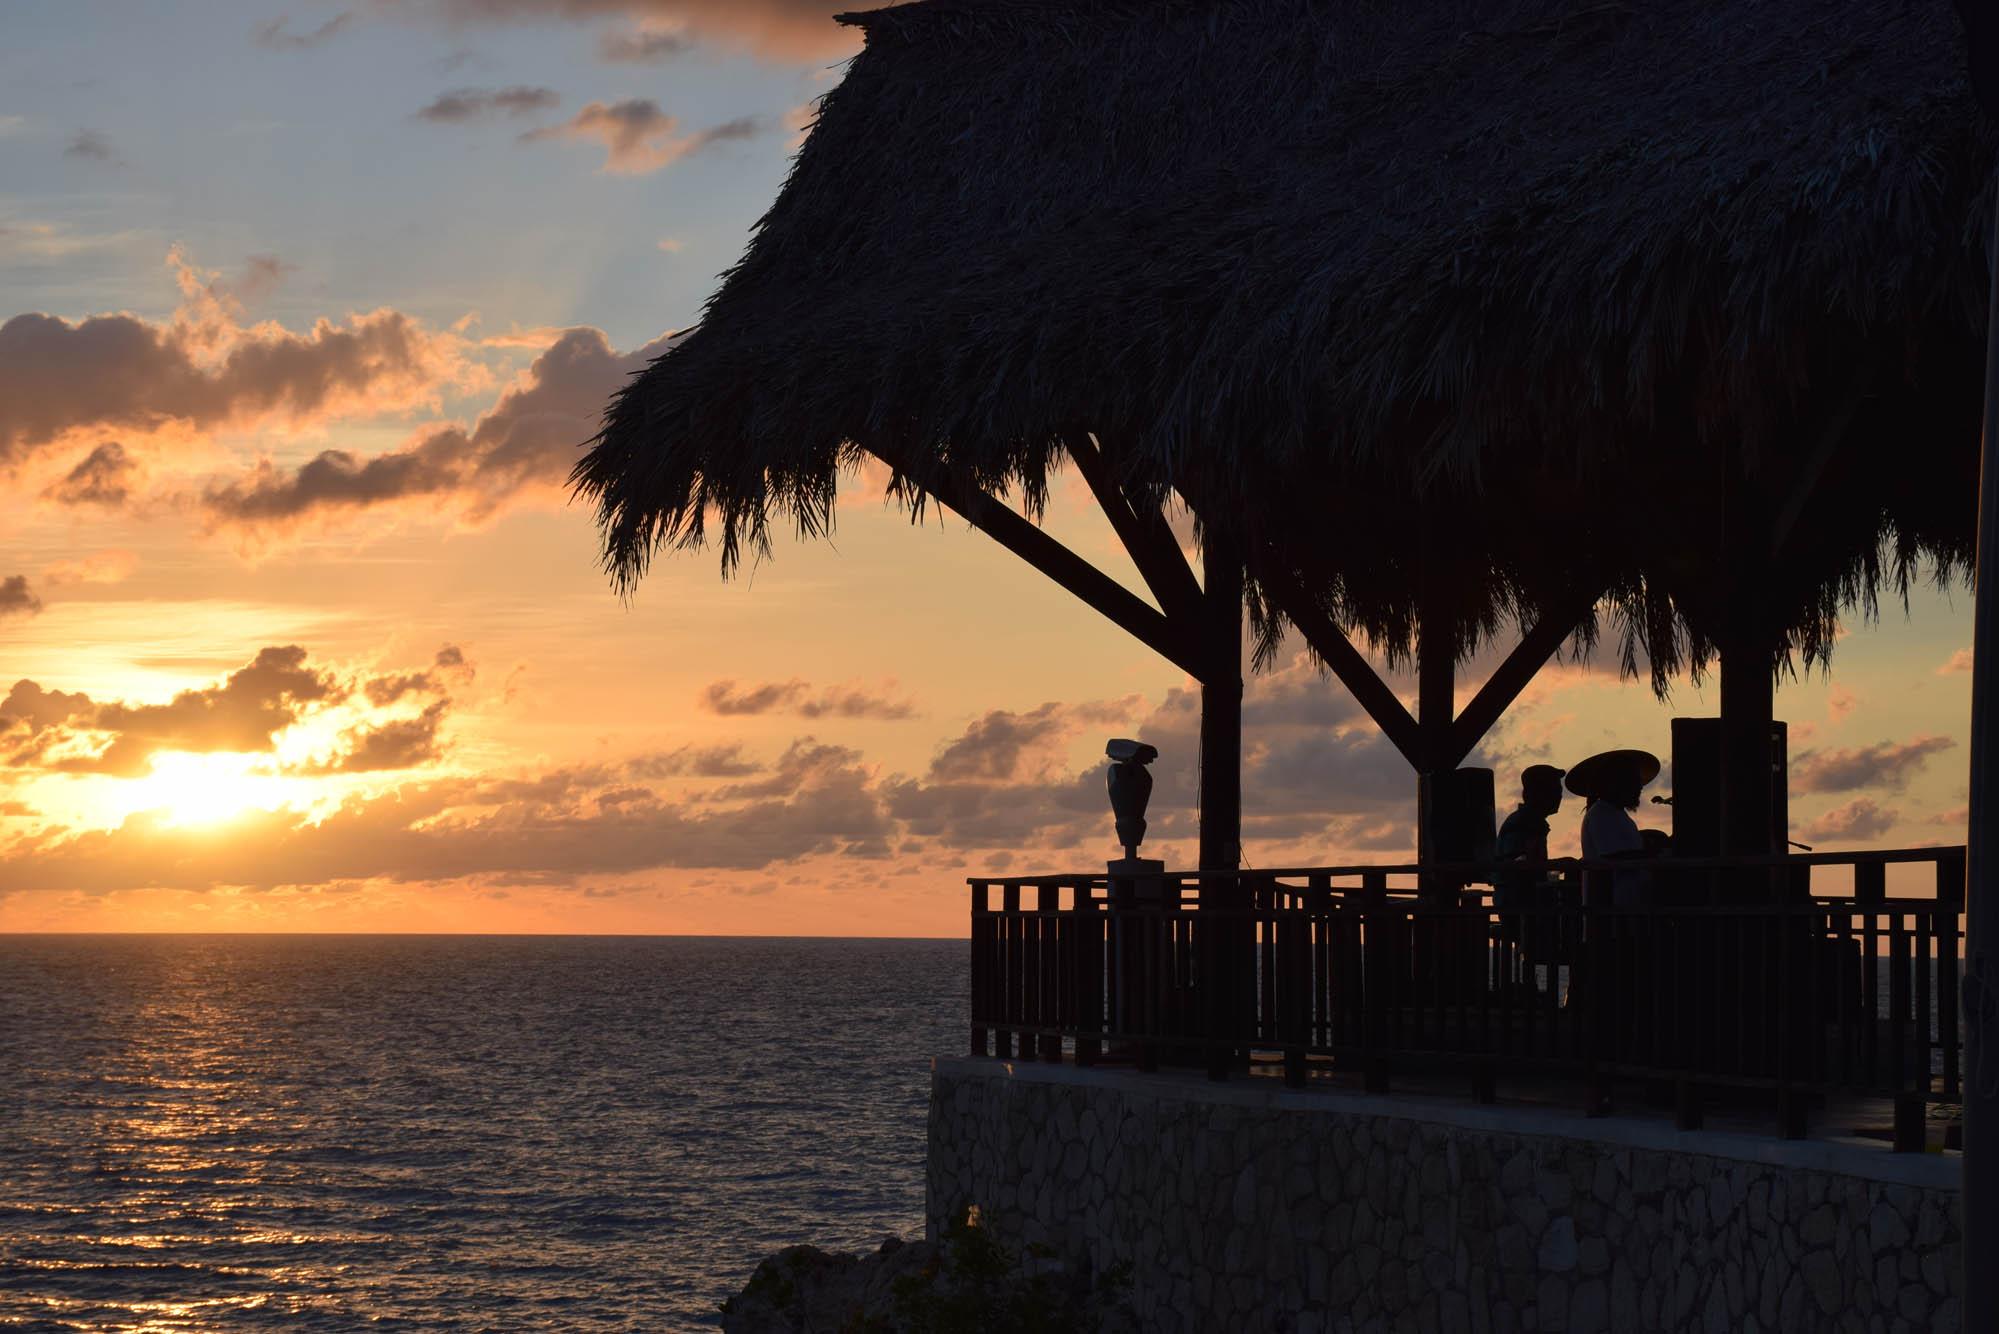 Assistir ao por do sol no Rick's Café também é imperdível! Negril, Jamaica